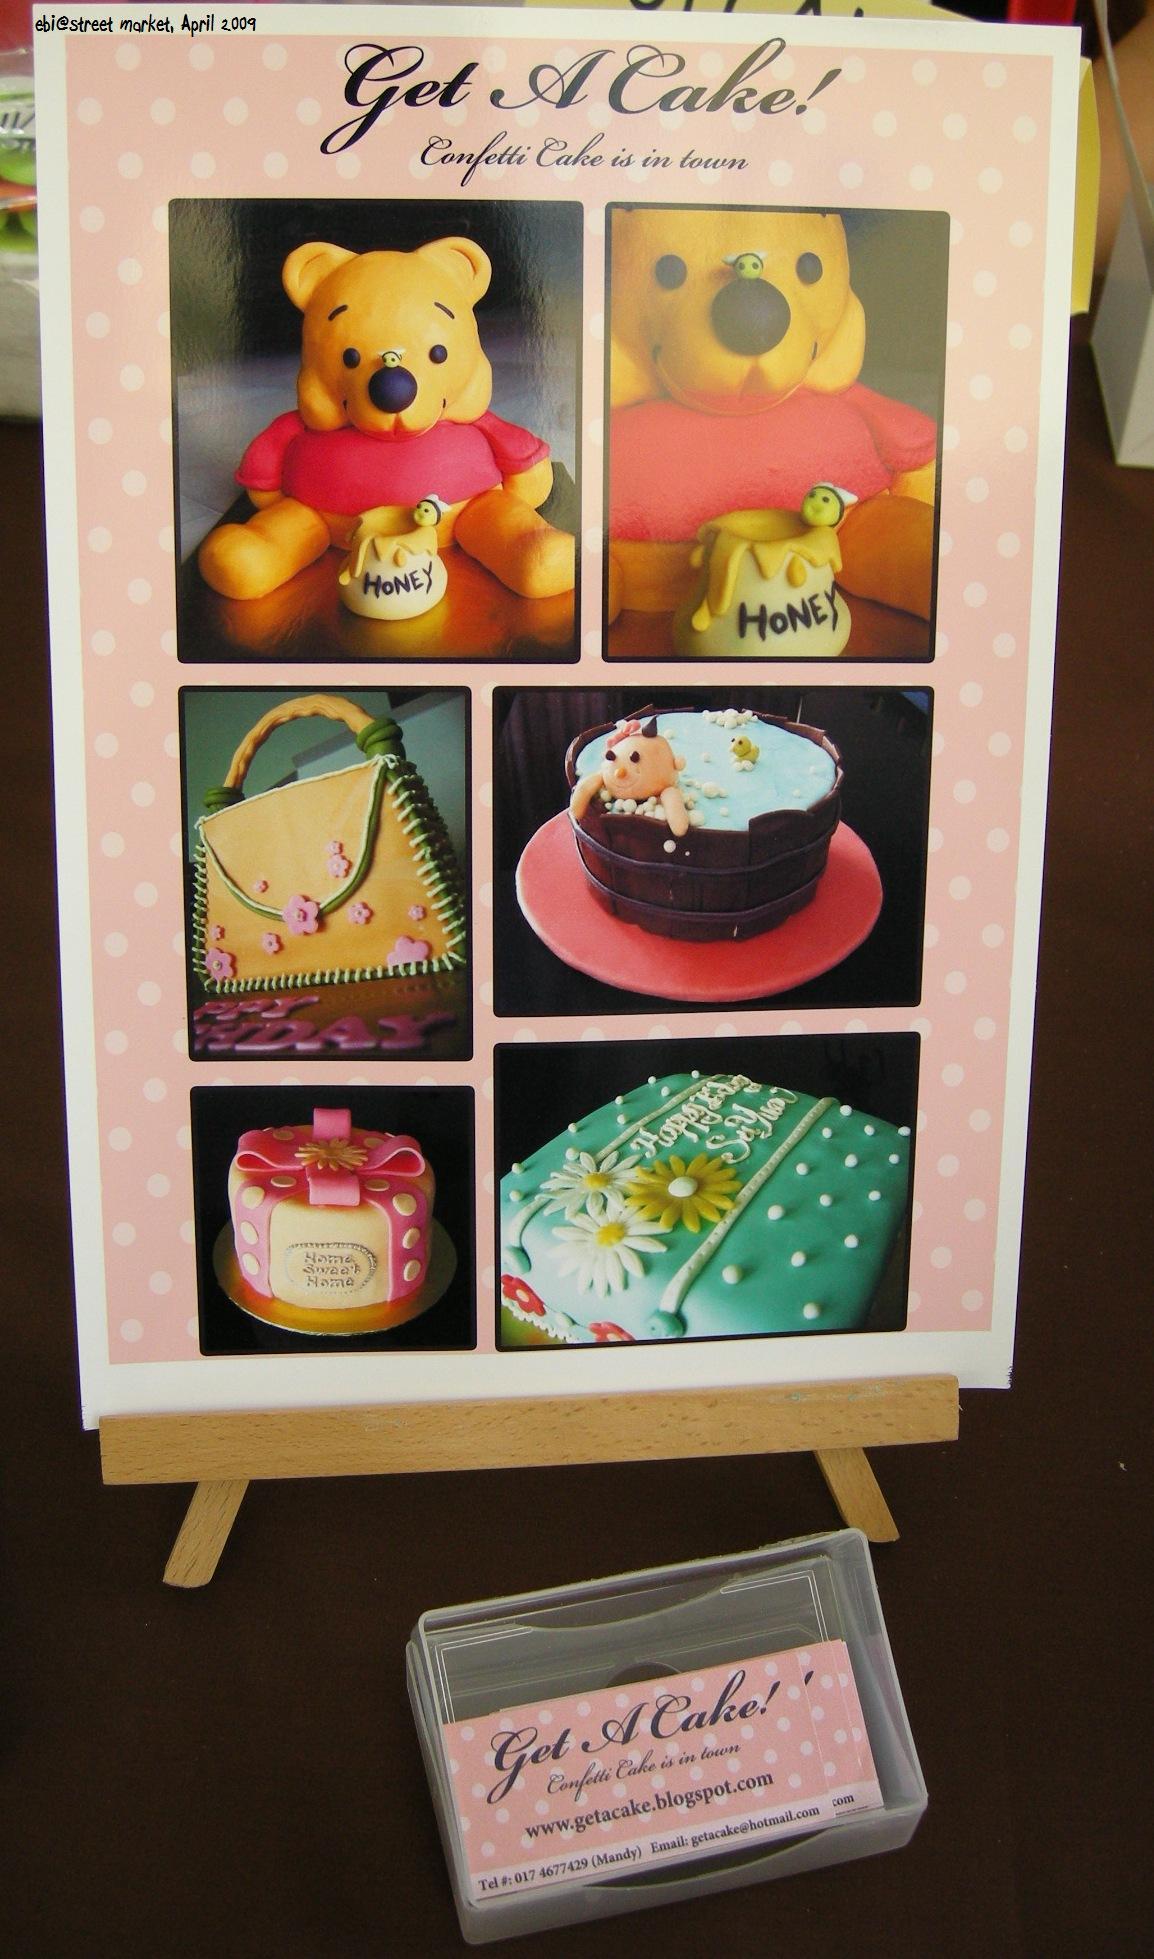 缤纷色彩的蛋糕,但是吸引不了我。